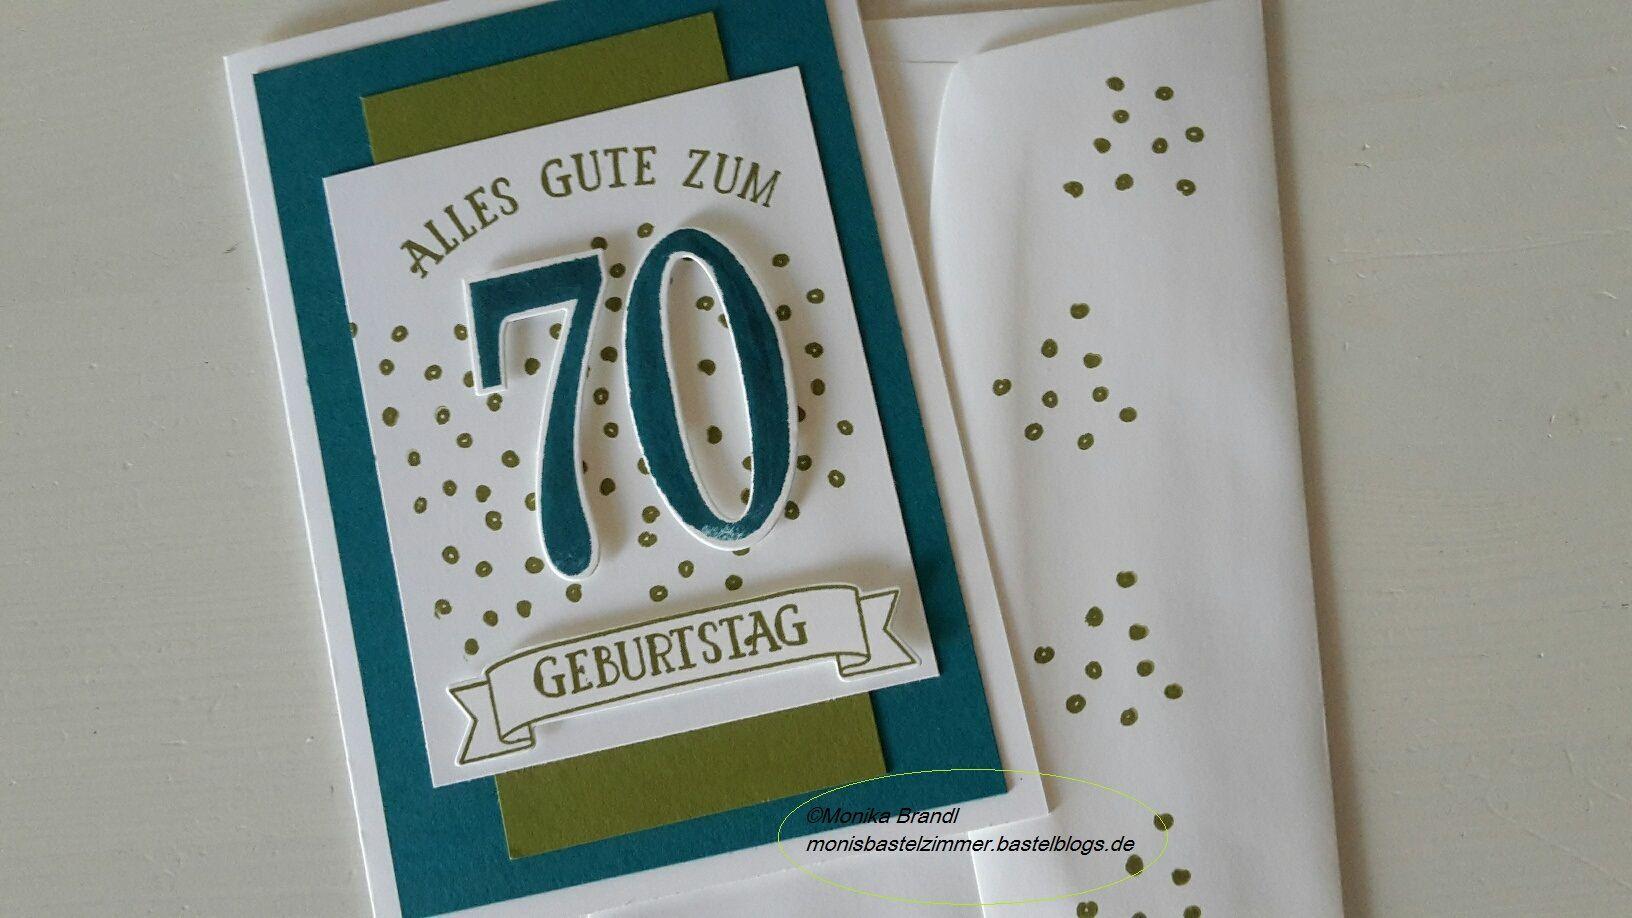 Geburtstagswunsche karte 70